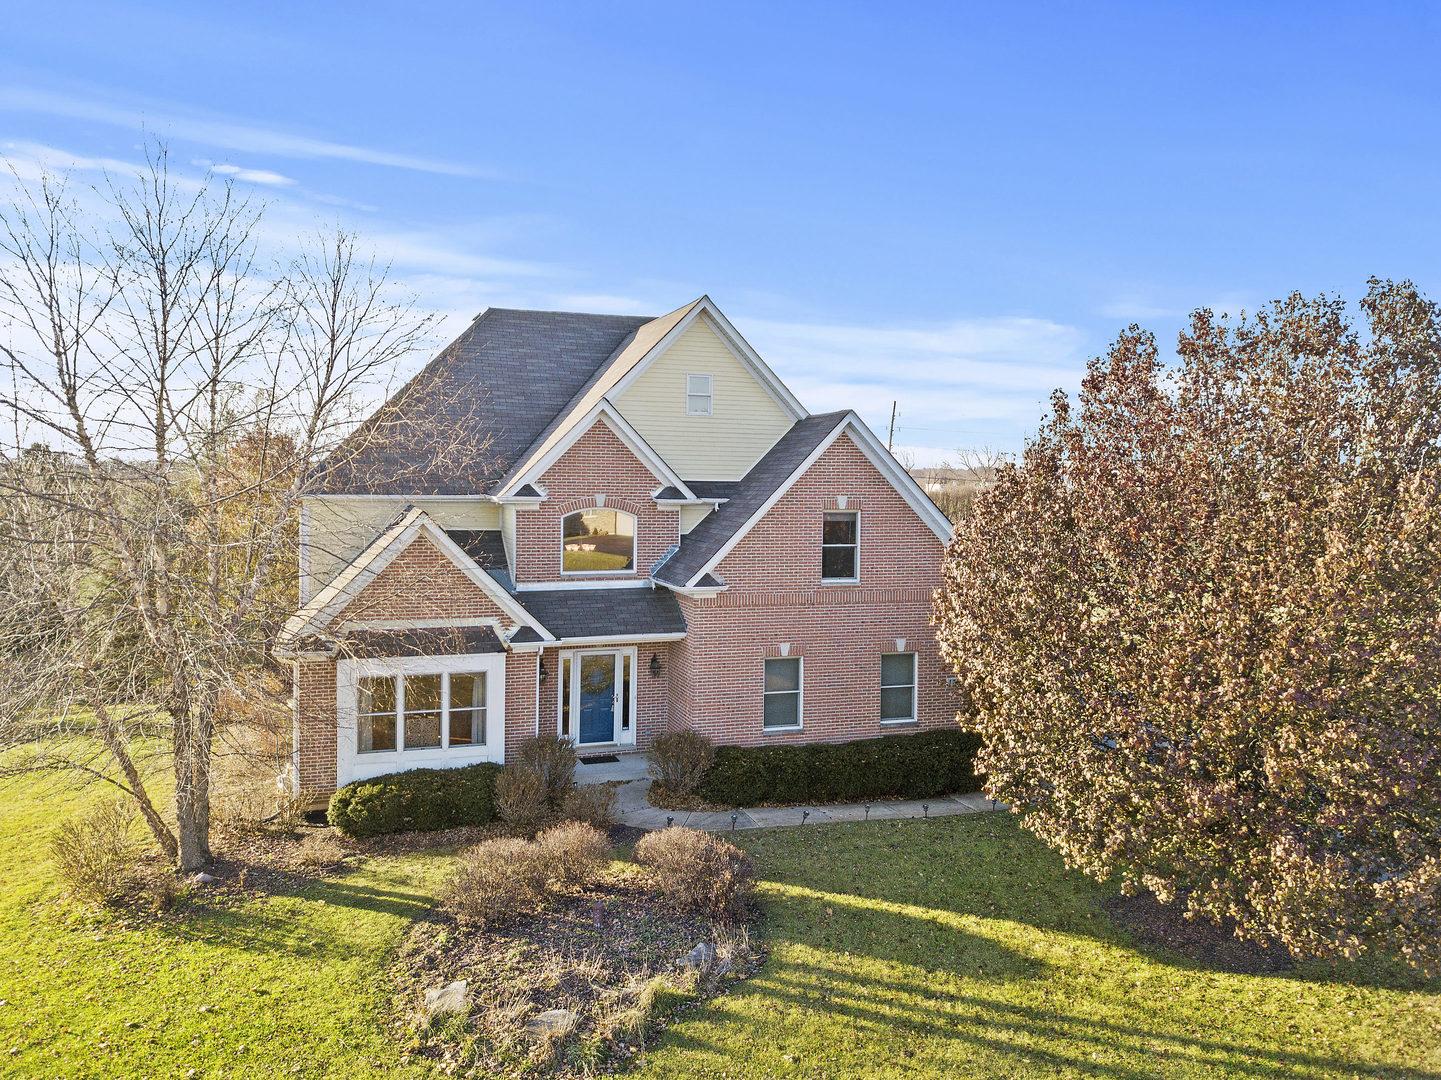 1711 Vivian Way Court, Lakemoor IL 60051